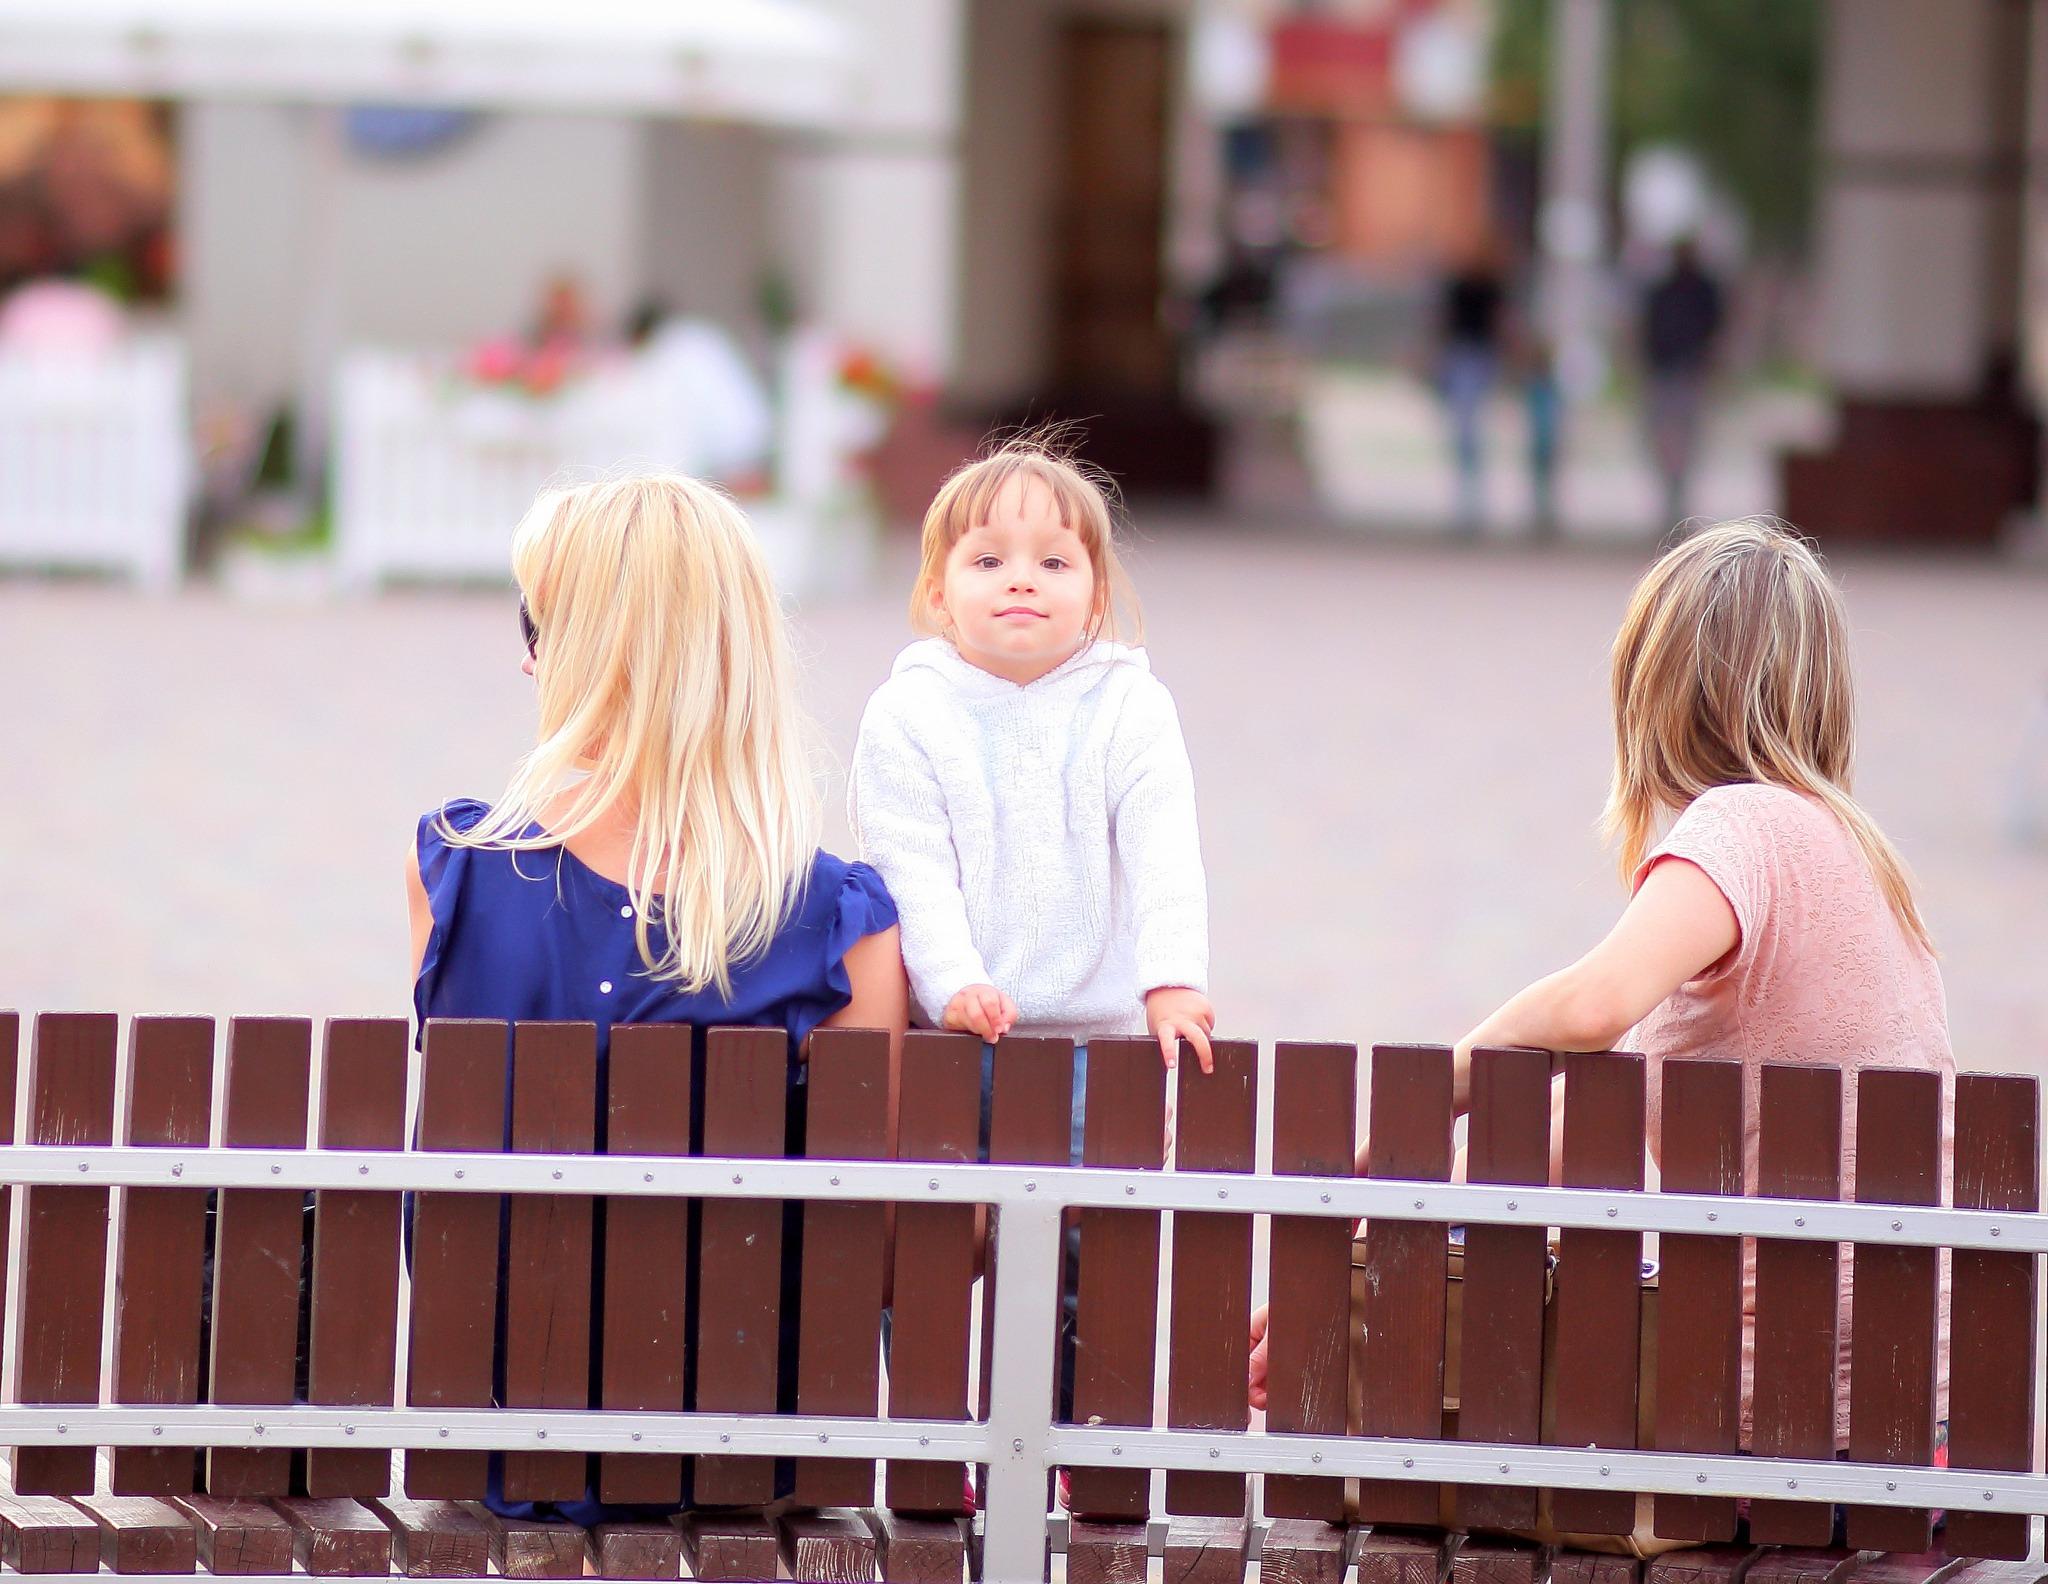 Negoziare con i bambini può rivelarsi molto faticoso! - Credits Vladimir Pustovit